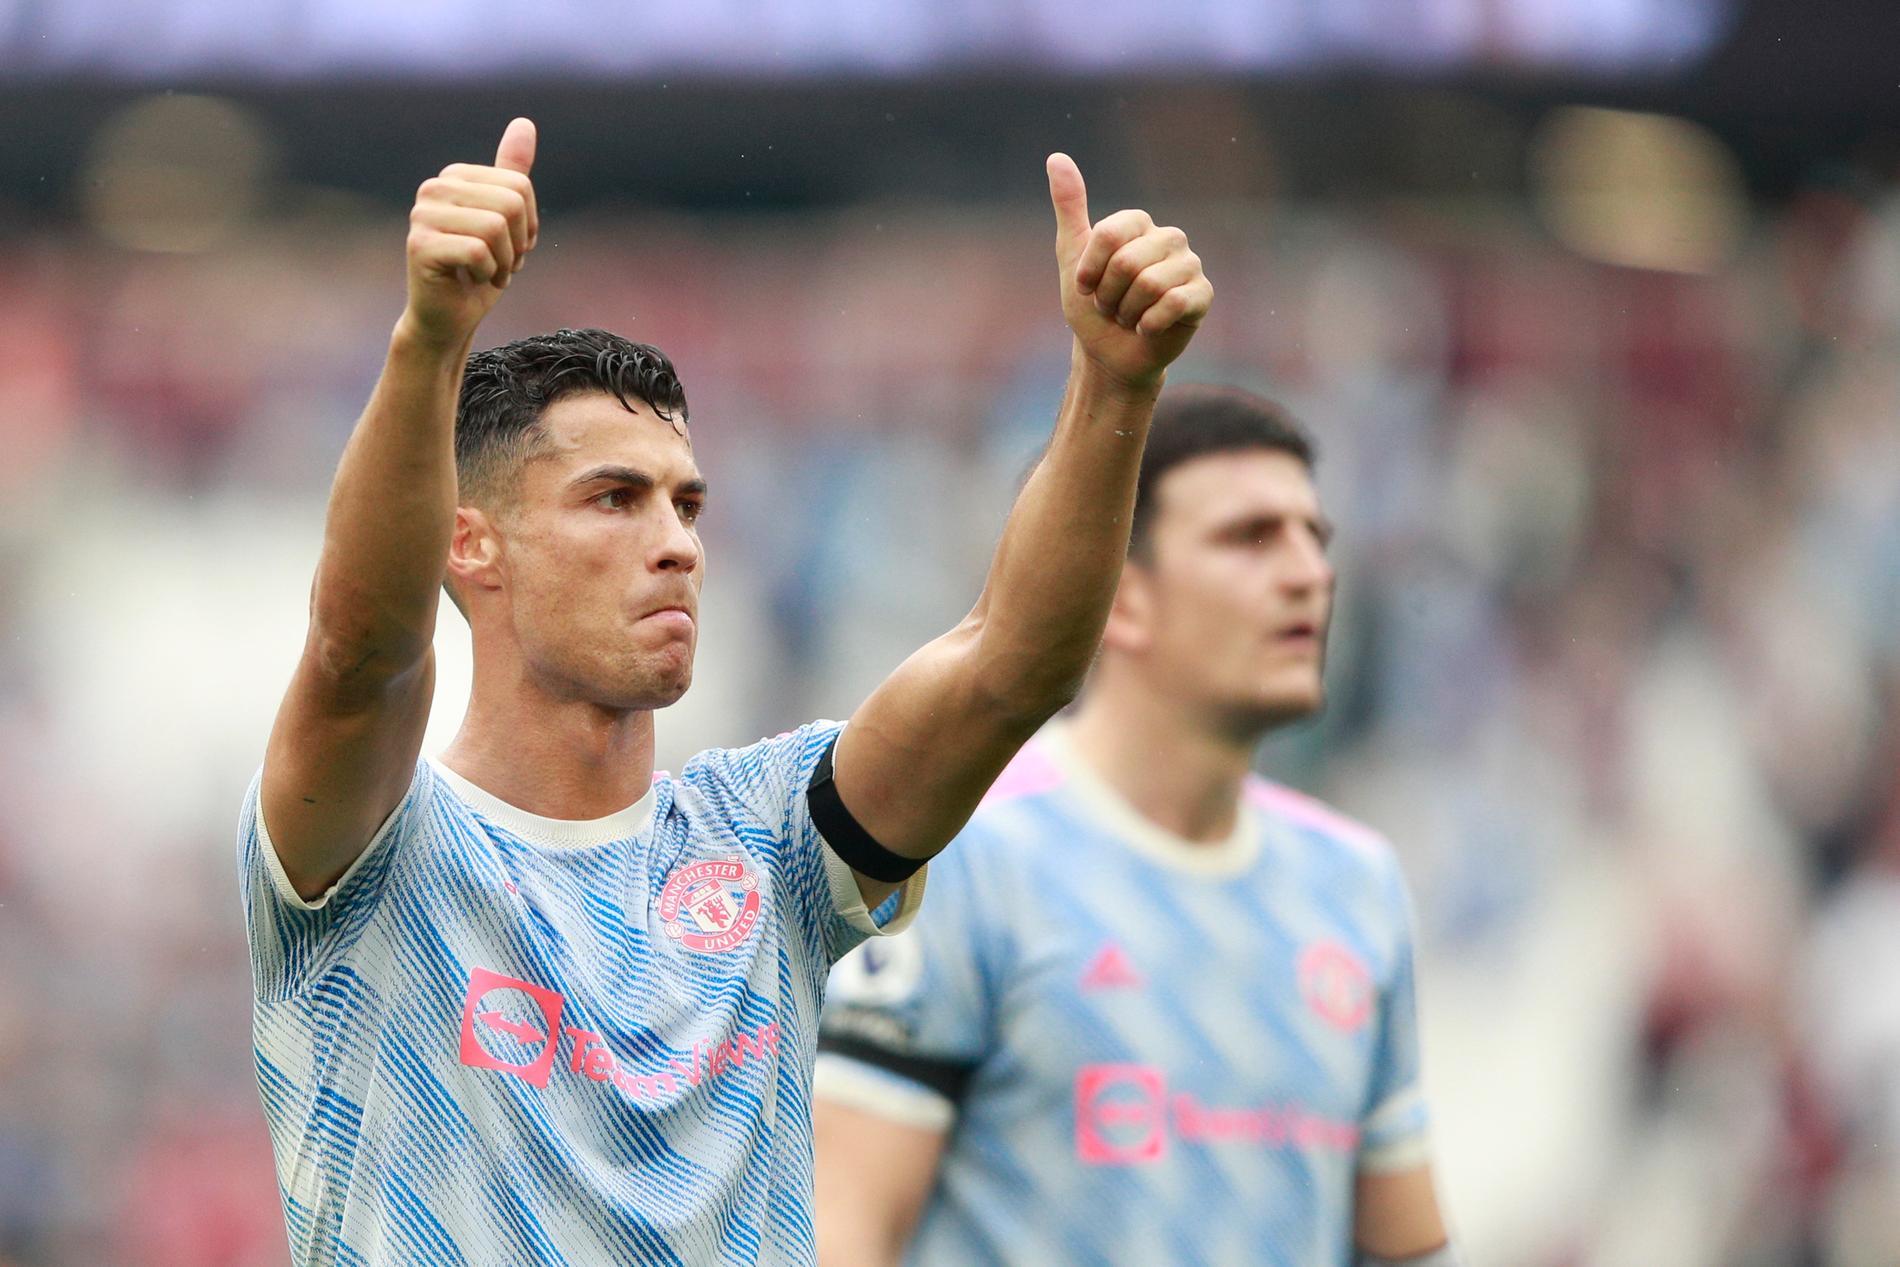 Manchester Uniteds Cristiano Ronaldo tjänar mest av världens fotbollsspelare. Arkivbild.